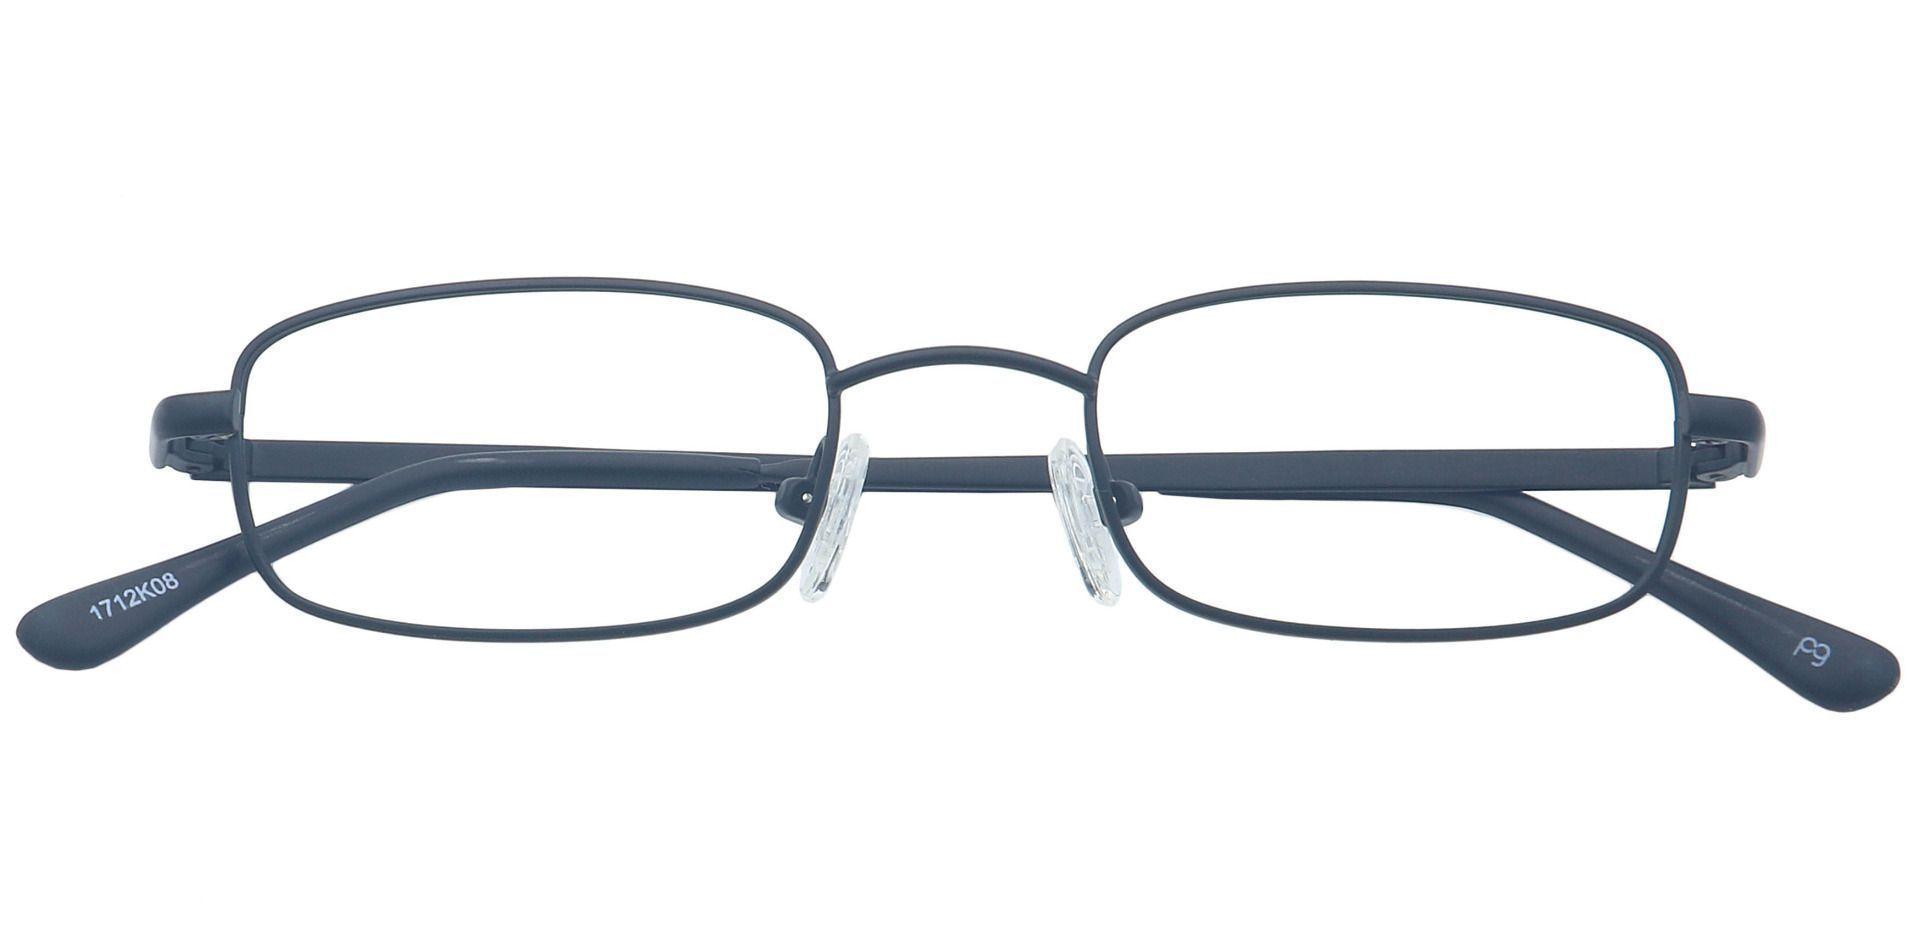 Hayden Rectangle Eyeglasses Frame - Black